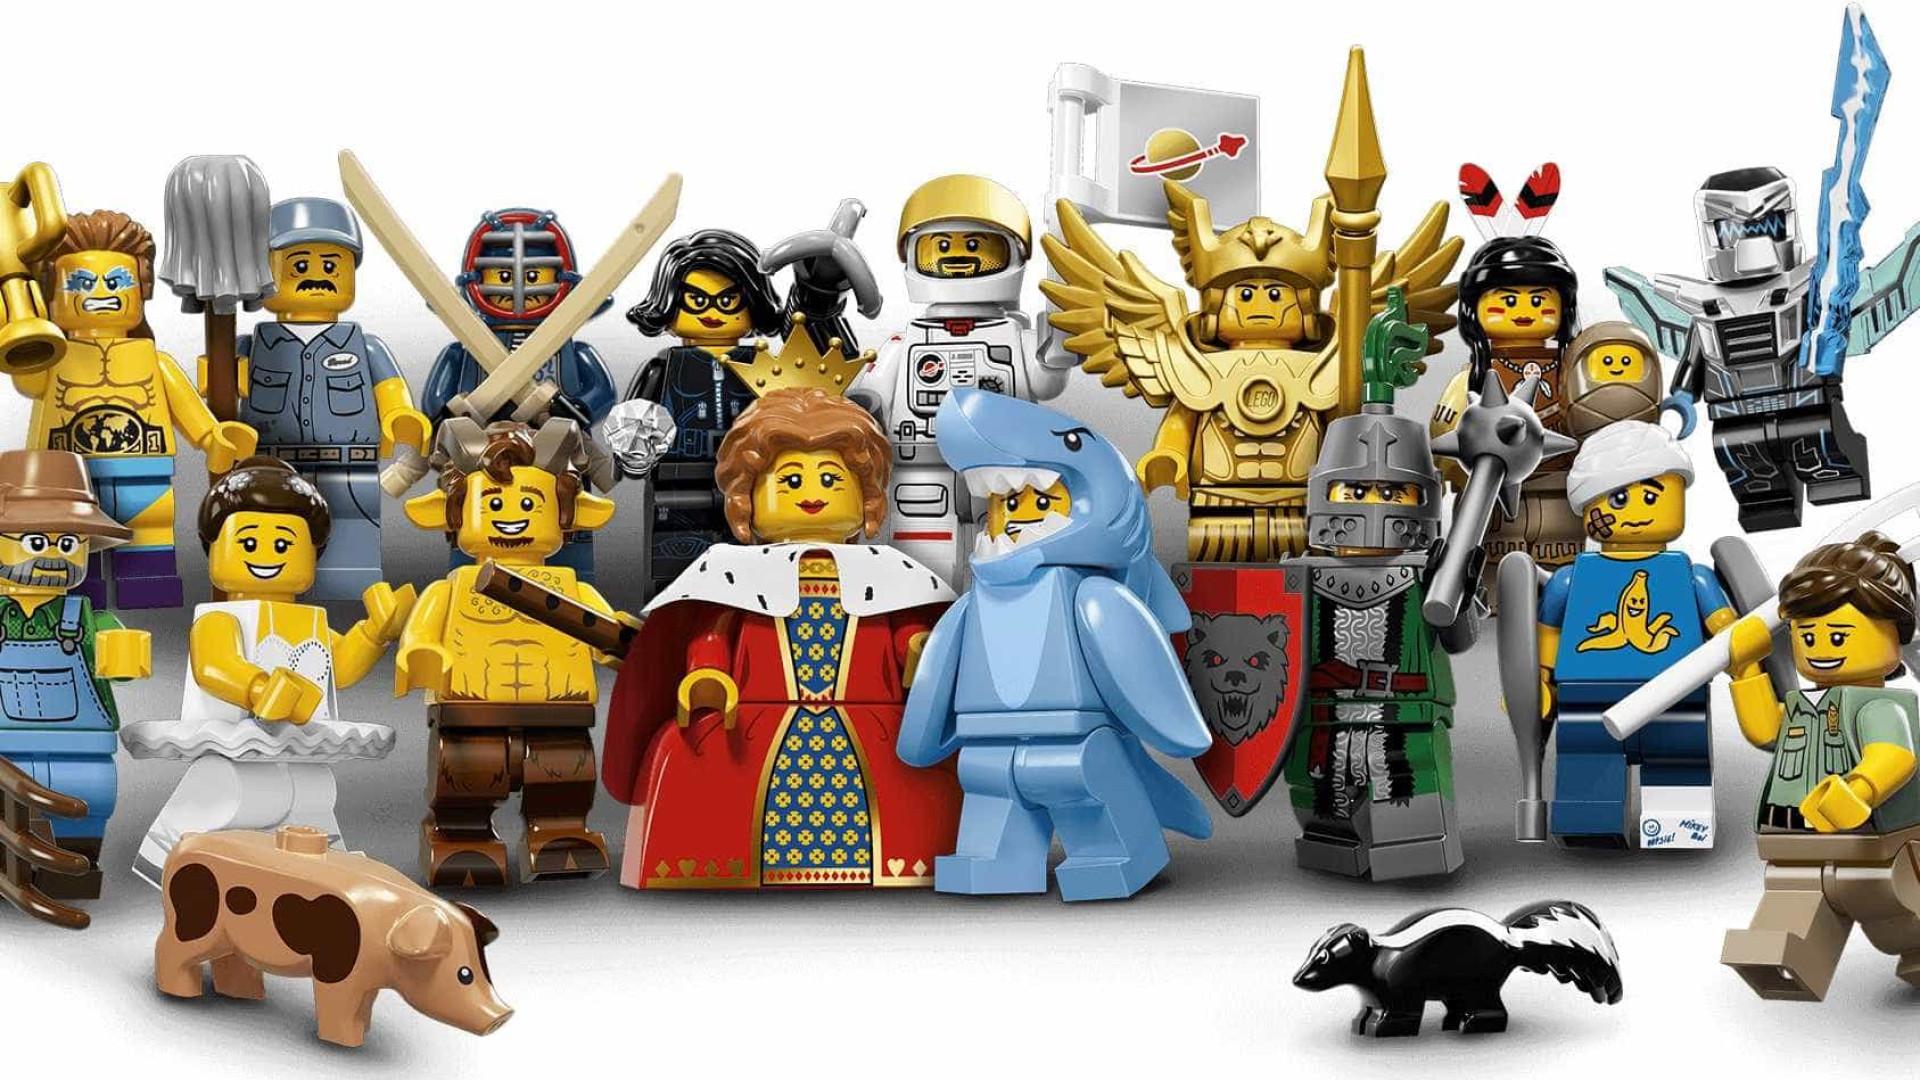 Brinquedos Lego estão cada vez mais violentos, afirma estudo